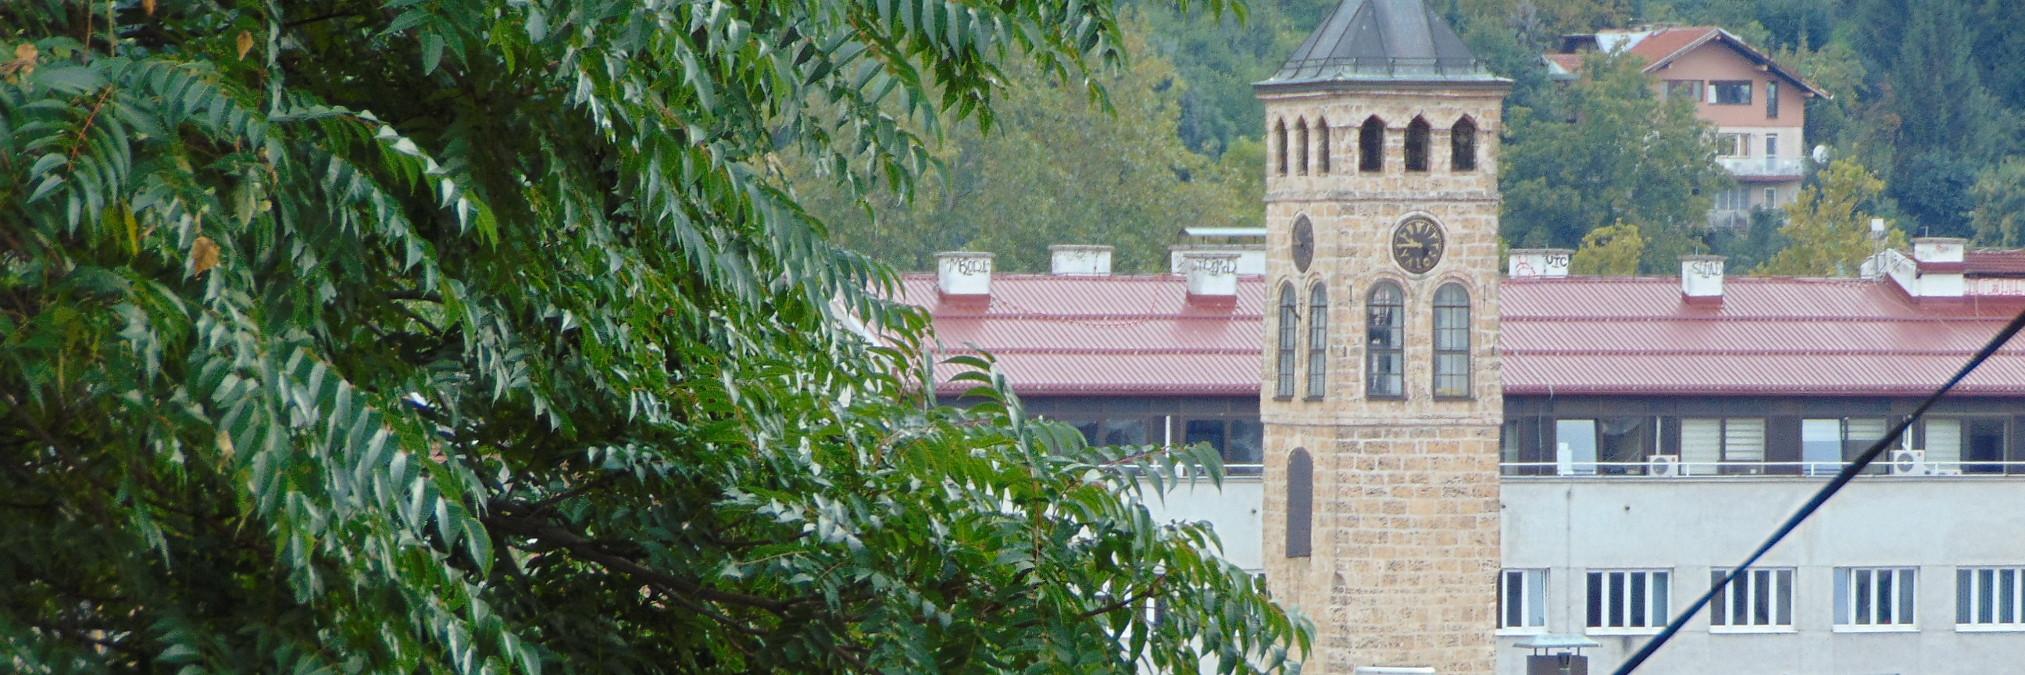 Часовые башни Боснии и Герцеговины